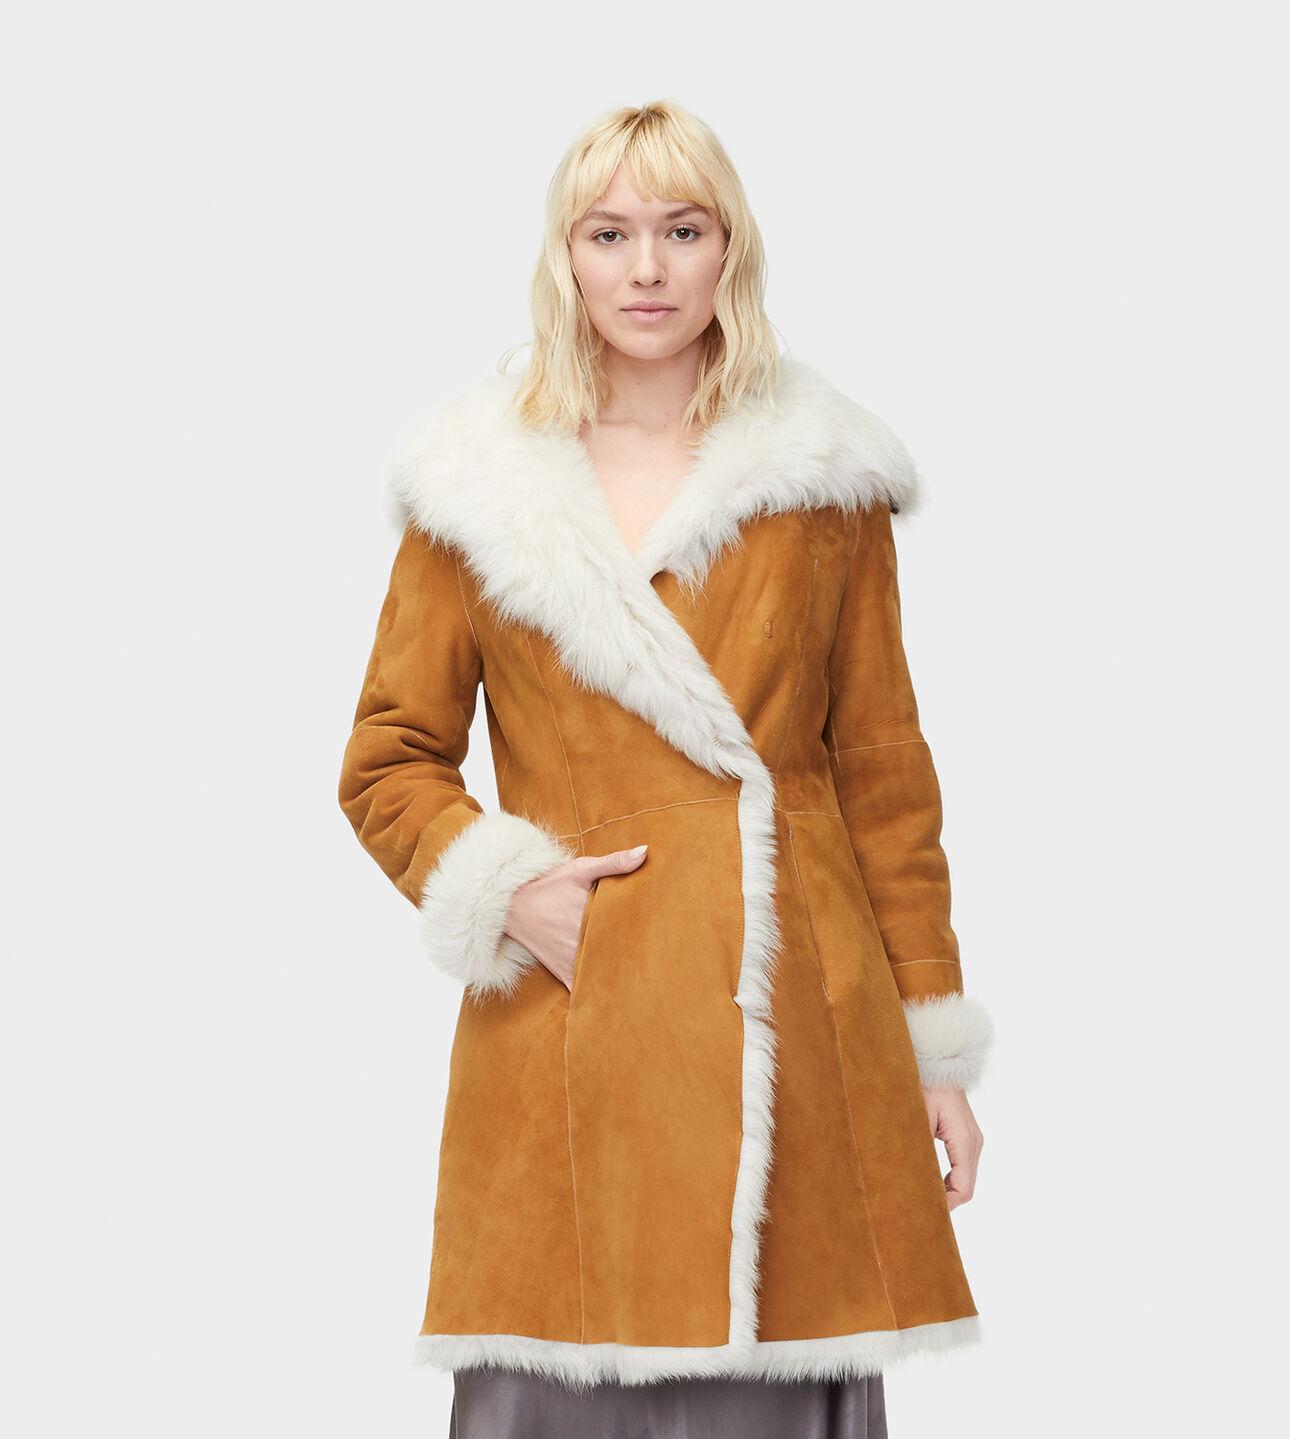 b011c431fa Women s Toscana Shearling Coat